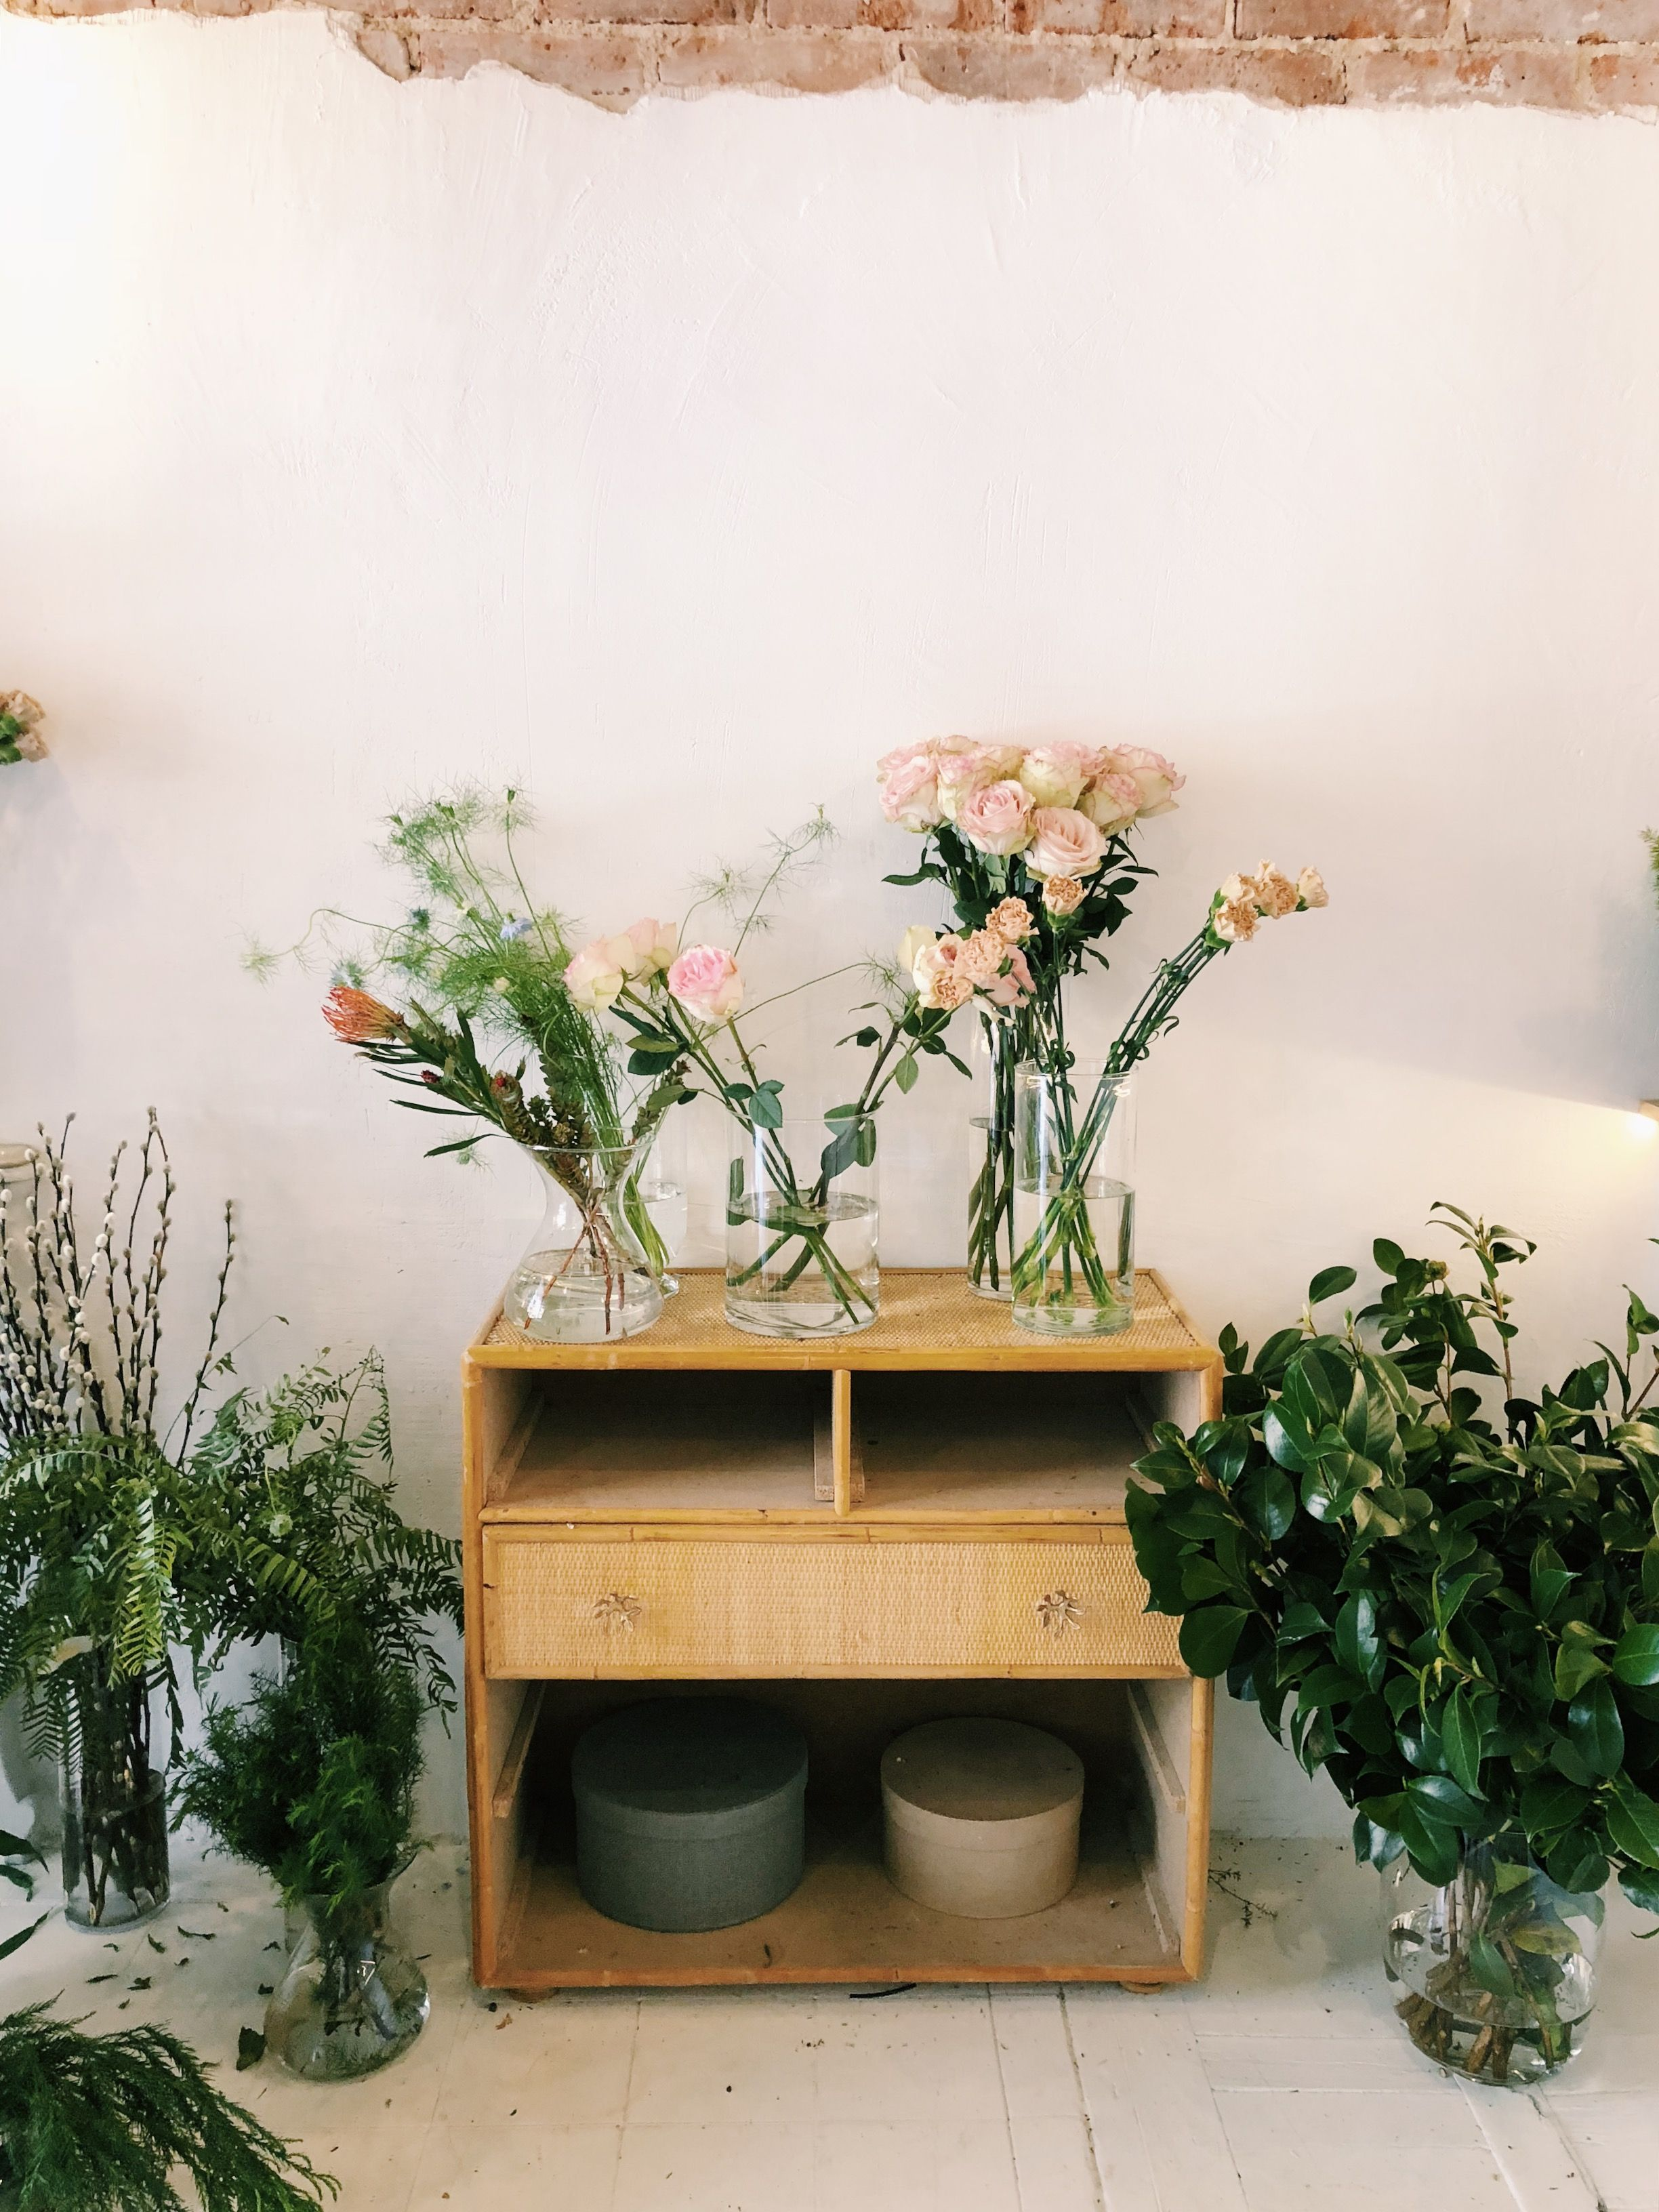 Las 10 Plantas De Interior Bonitas Baratas Y Duraderas Que - Plantas-bonitas-de-interior